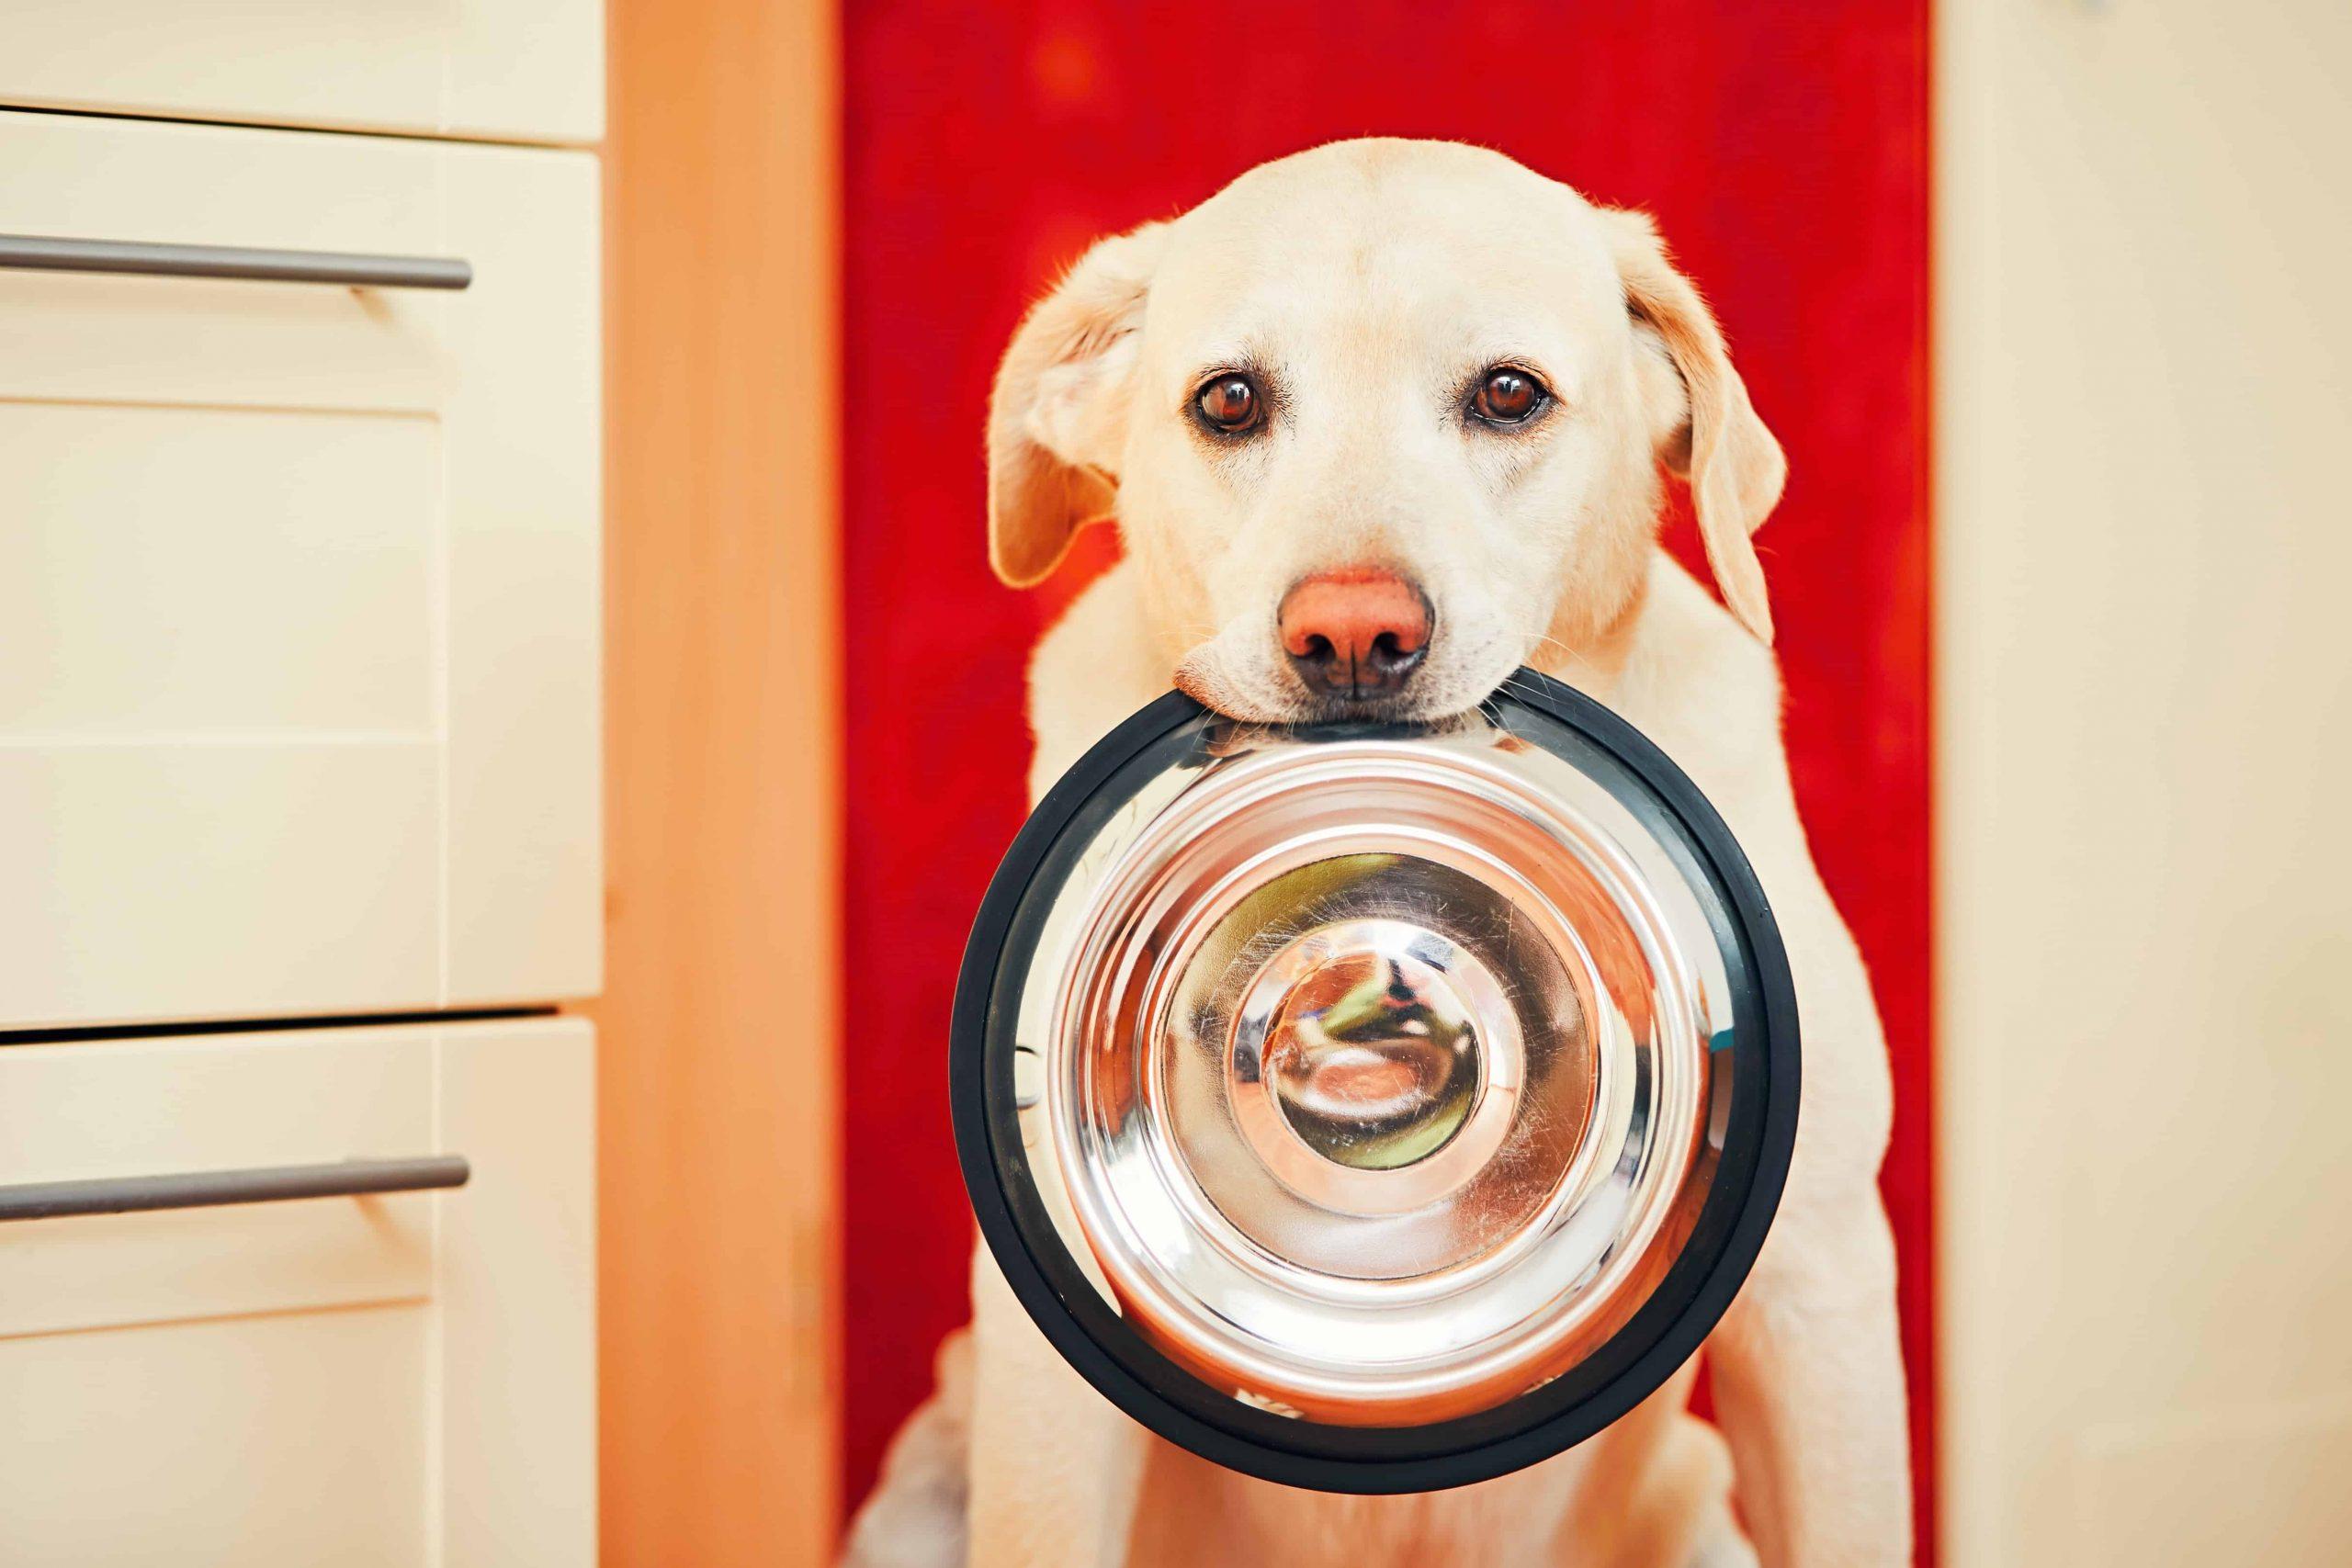 Miglior cibo ipoallergenico per cani 2021: Guida all'acquisto